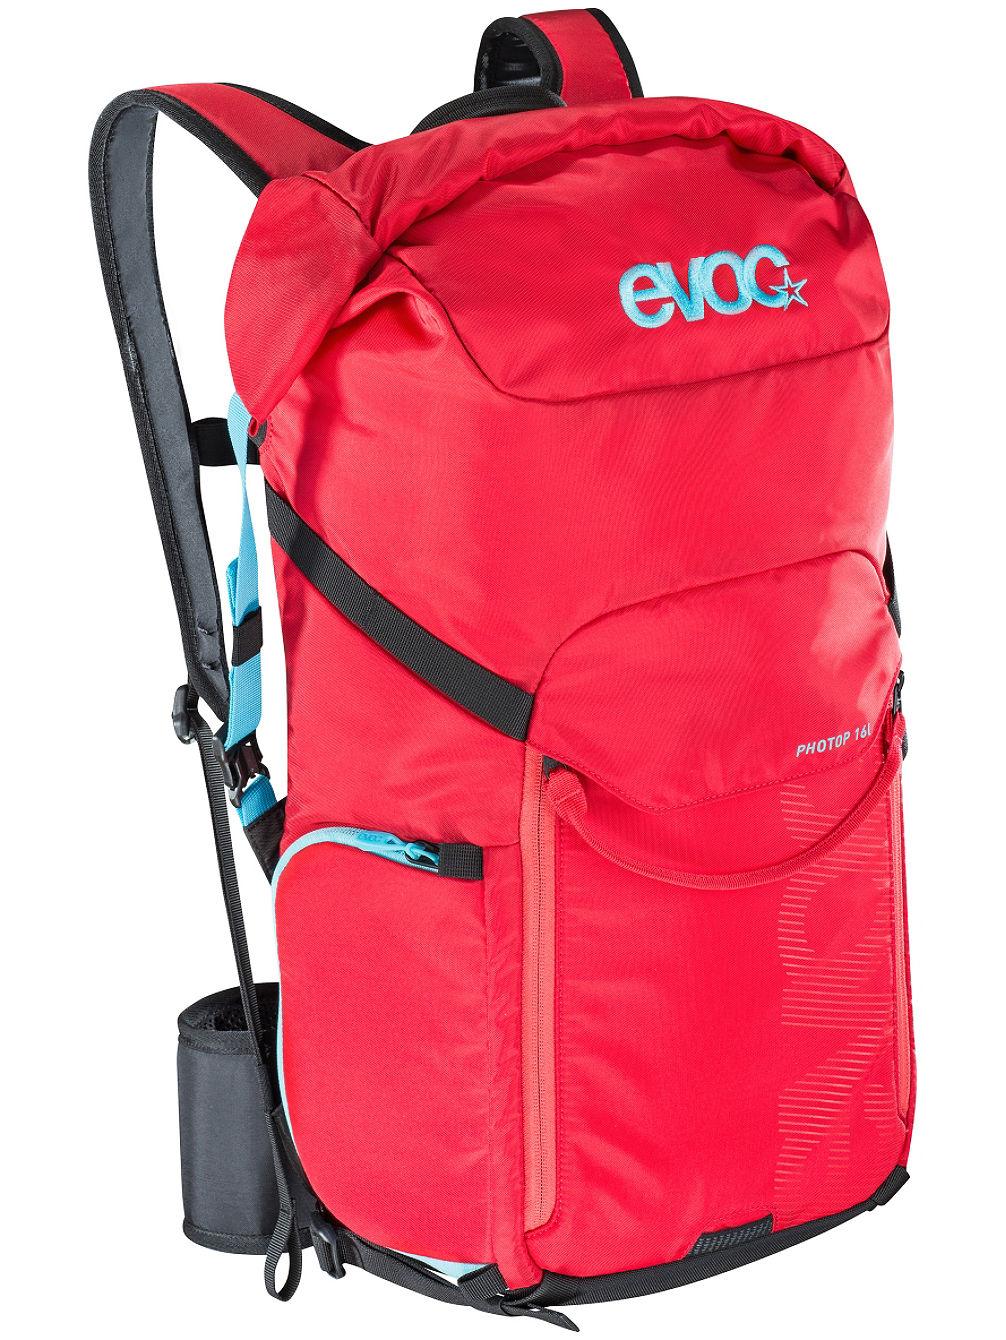 Evoc Photop 16L Backpack Rosso- evoc - blue-tomato.com